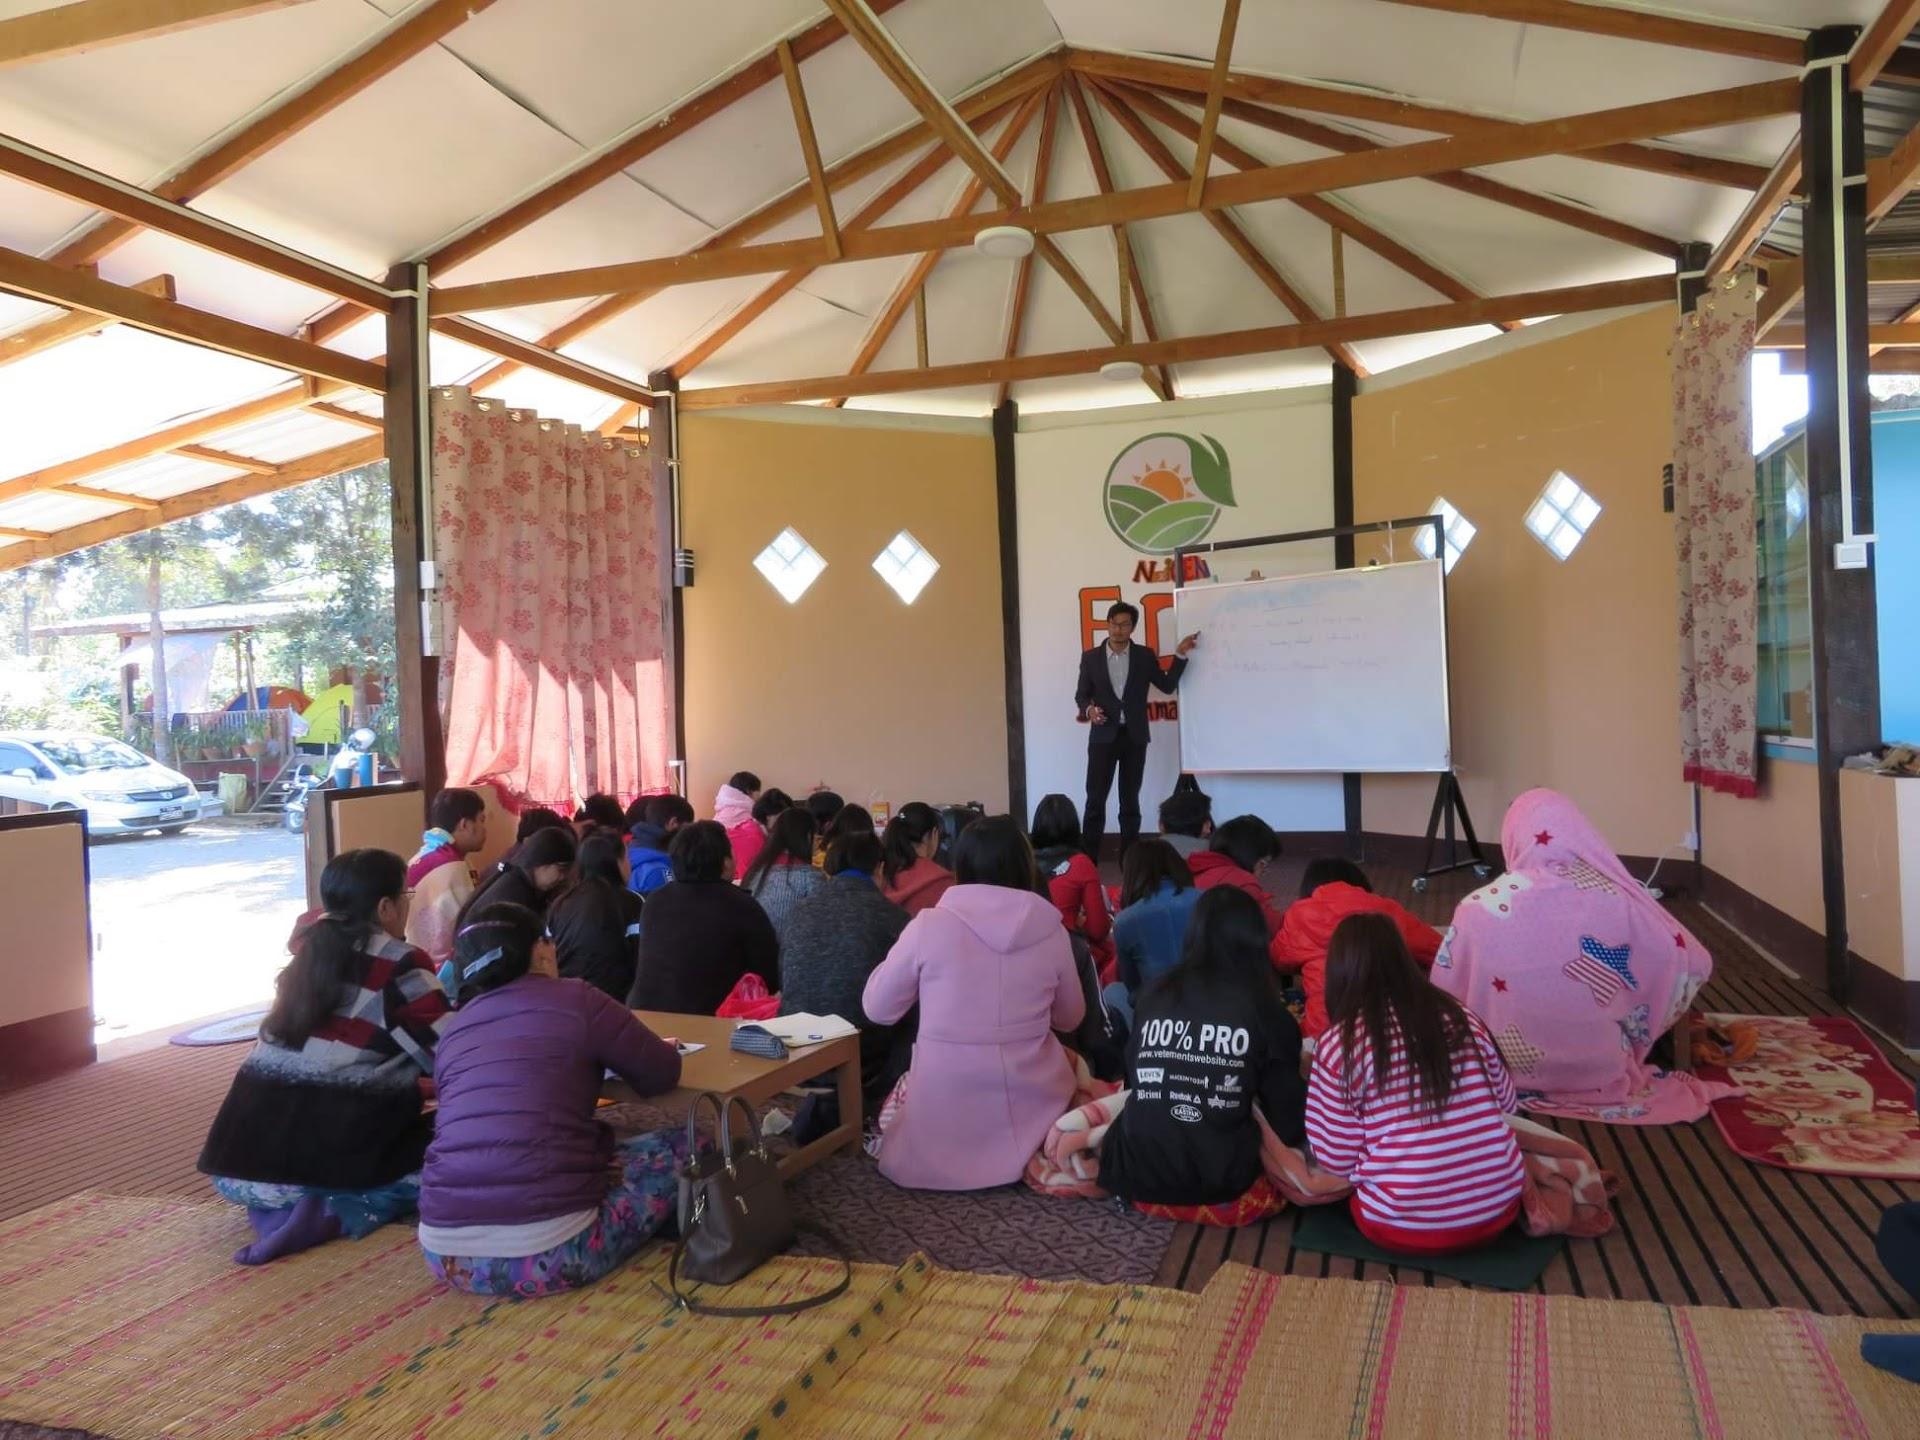 """""""အော်ဂဲနစ်စိုက်ပျိုးရေးကိုစိတ်ပါဝင်စားသော တောင်သူများ နှင့်လူငယ်များအတွက် အထူးသတင်းကောင်း"""""""